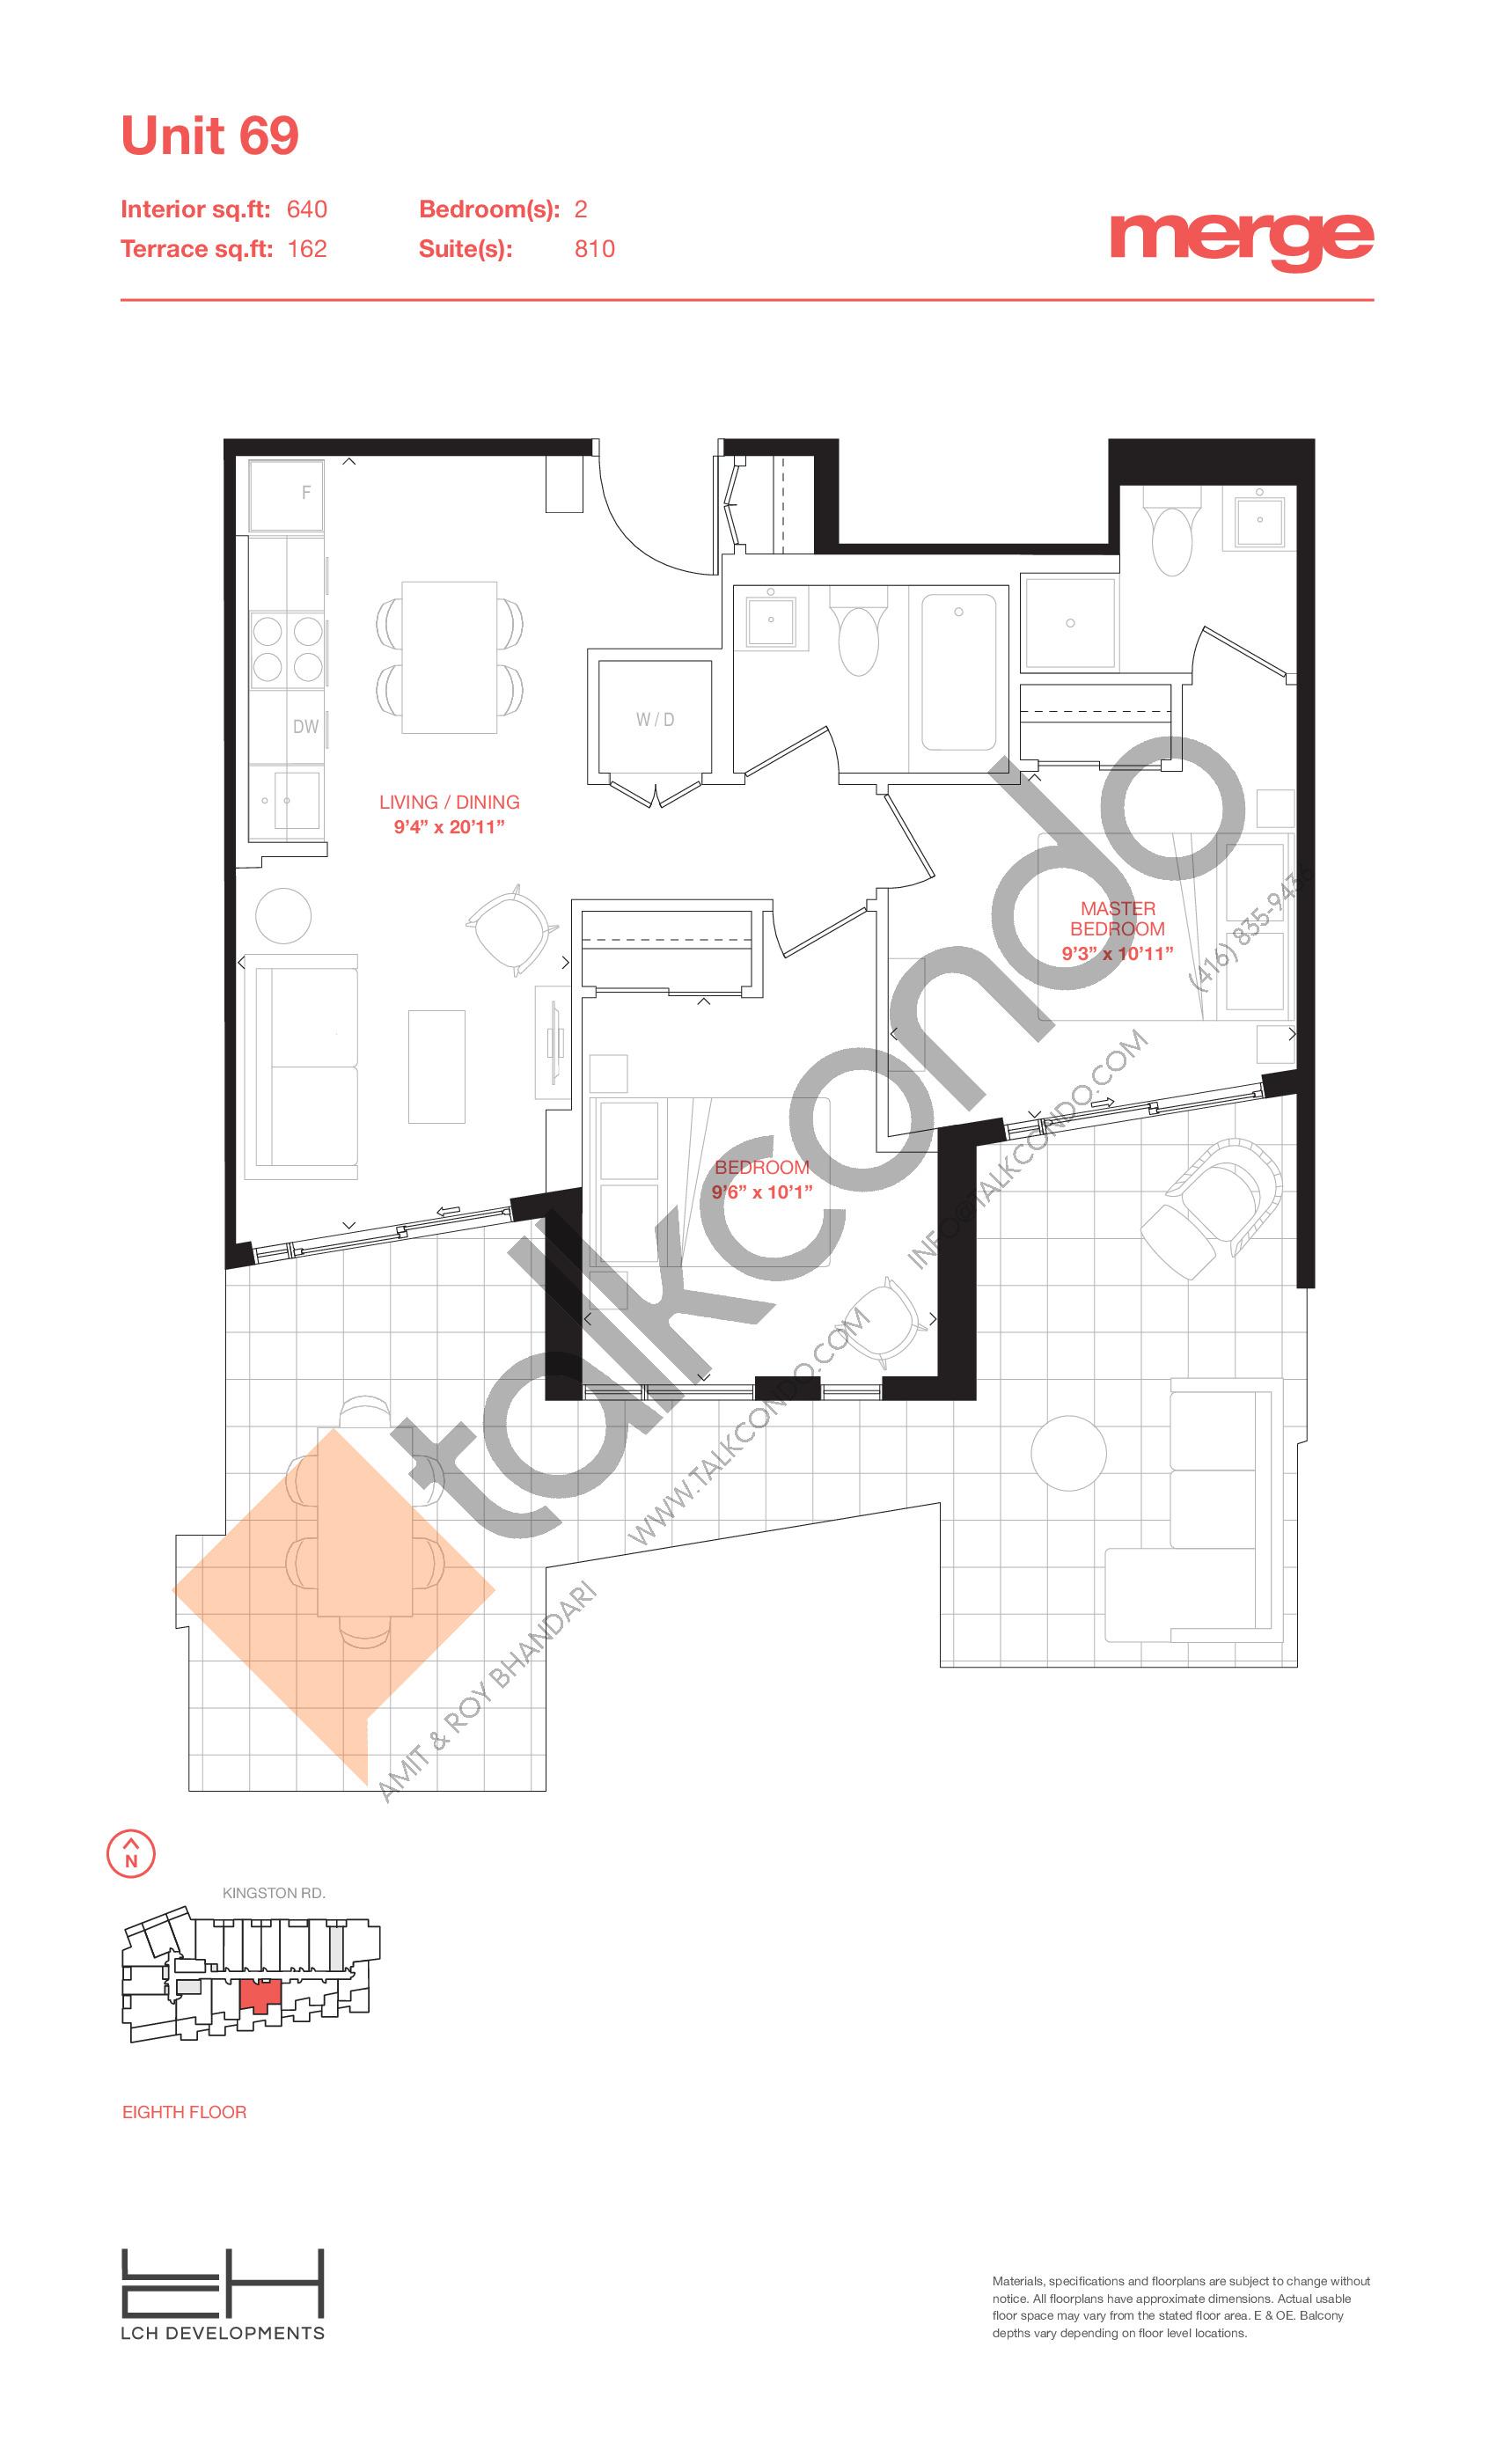 Unit 69 - Terraces Floor Plan at Merge Condos - 640 sq.ft